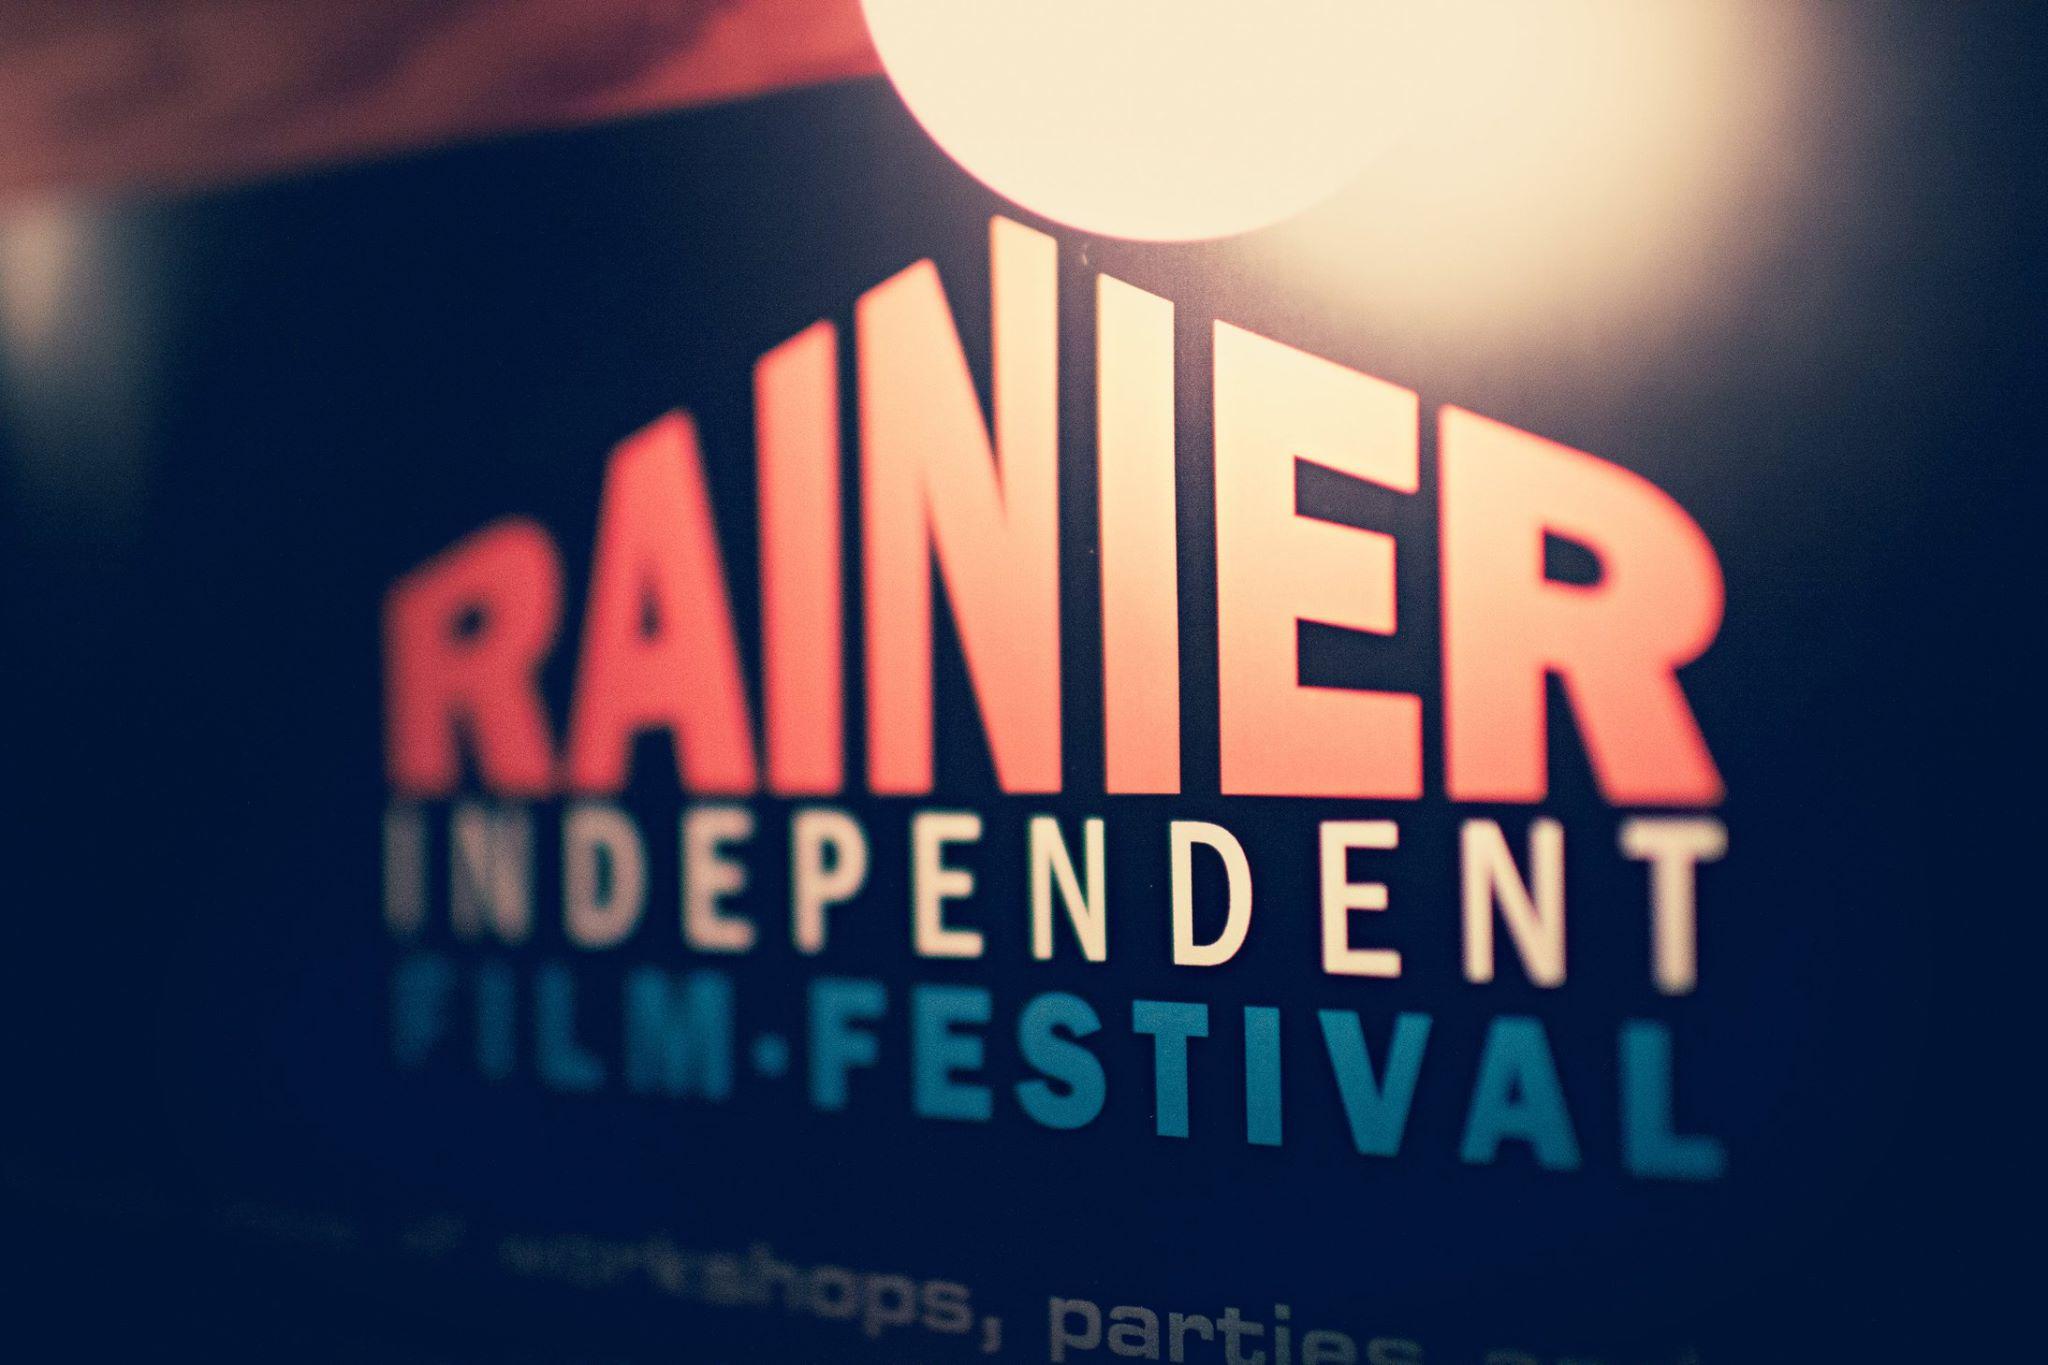 Independent erotic film festival